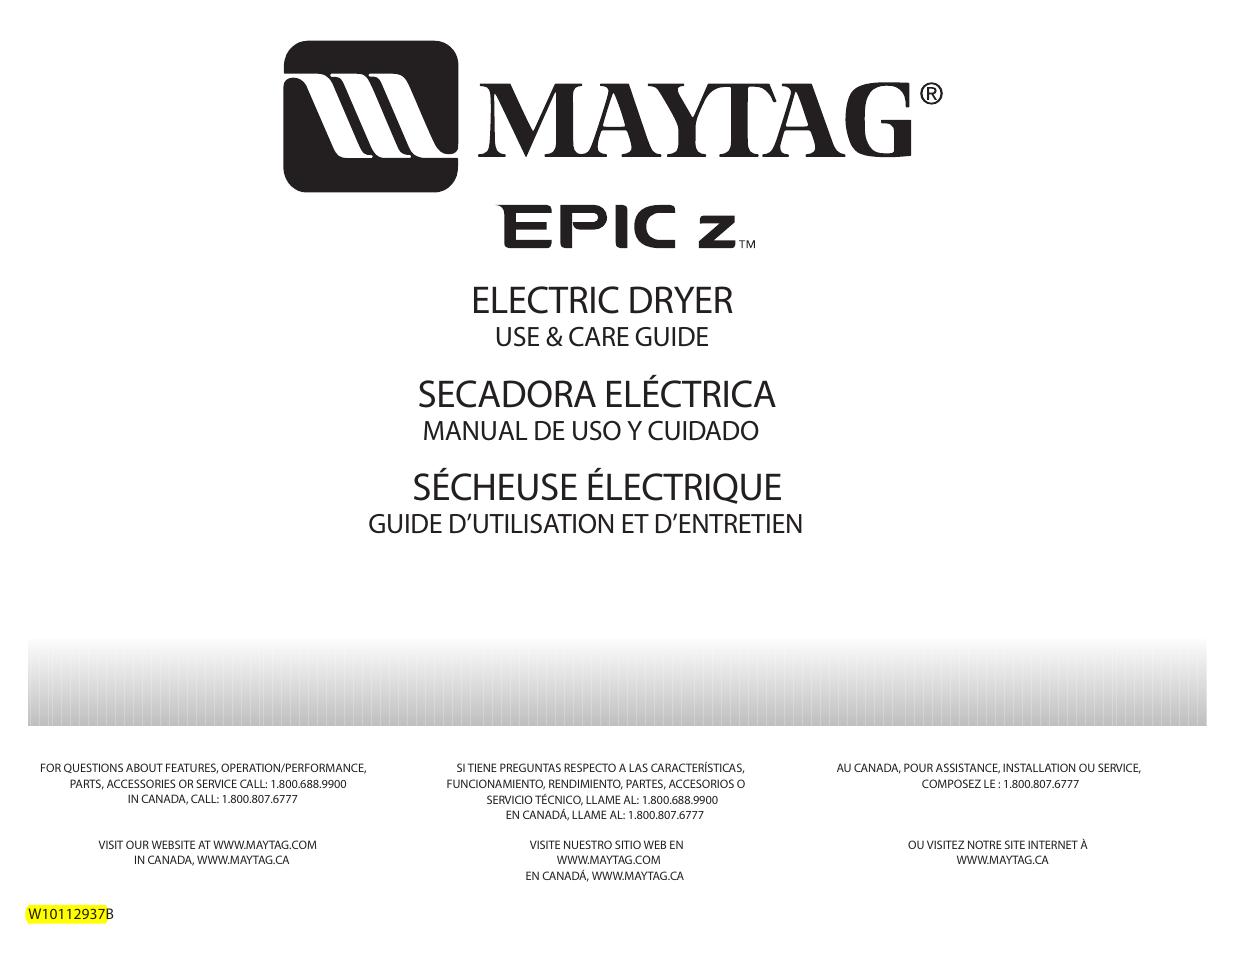 maytag epic z w10112937b user manual 92 pages rh manualsdir com Maytag Dryer Owner's Manual Maytag Appliances